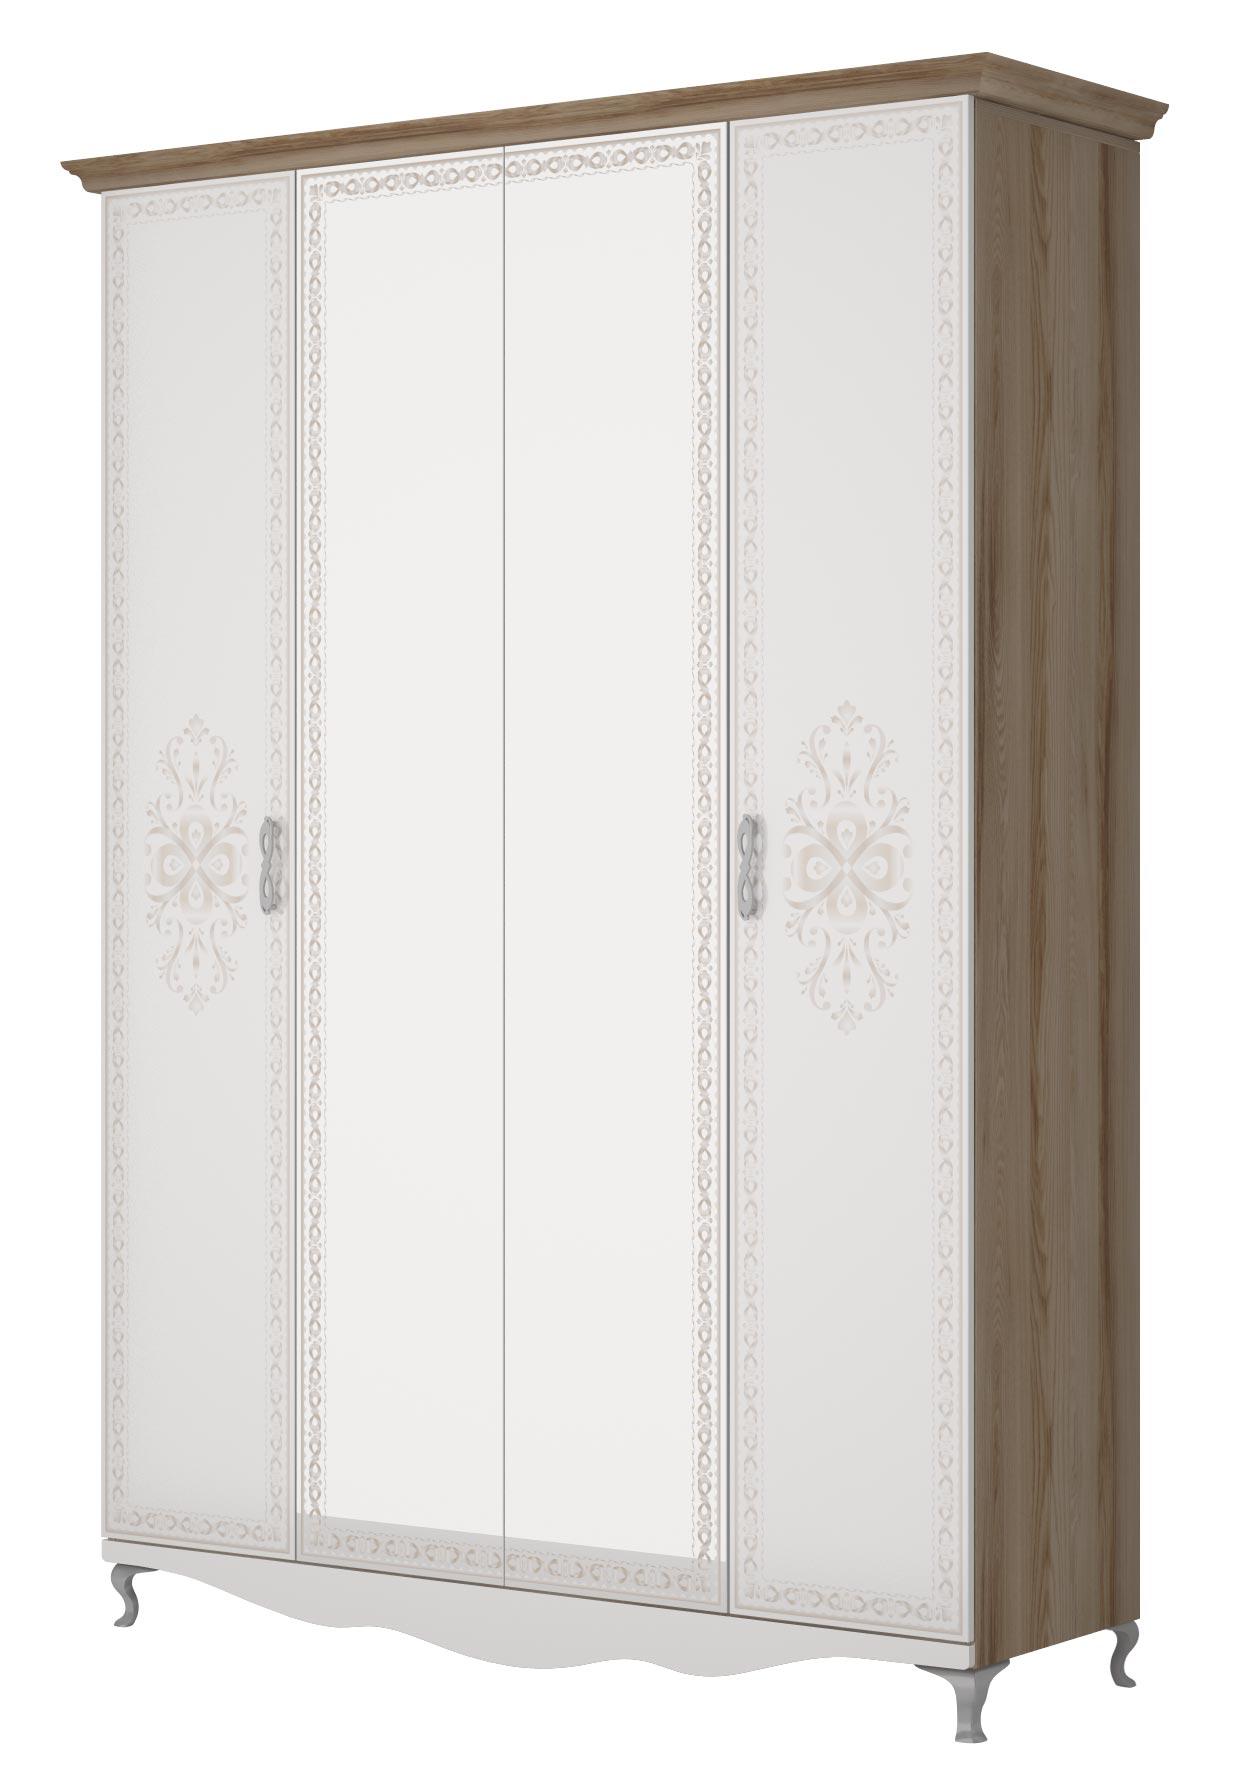 Шкаф 4х дверный с зеркалом Ижмебель Династия, мод. 1